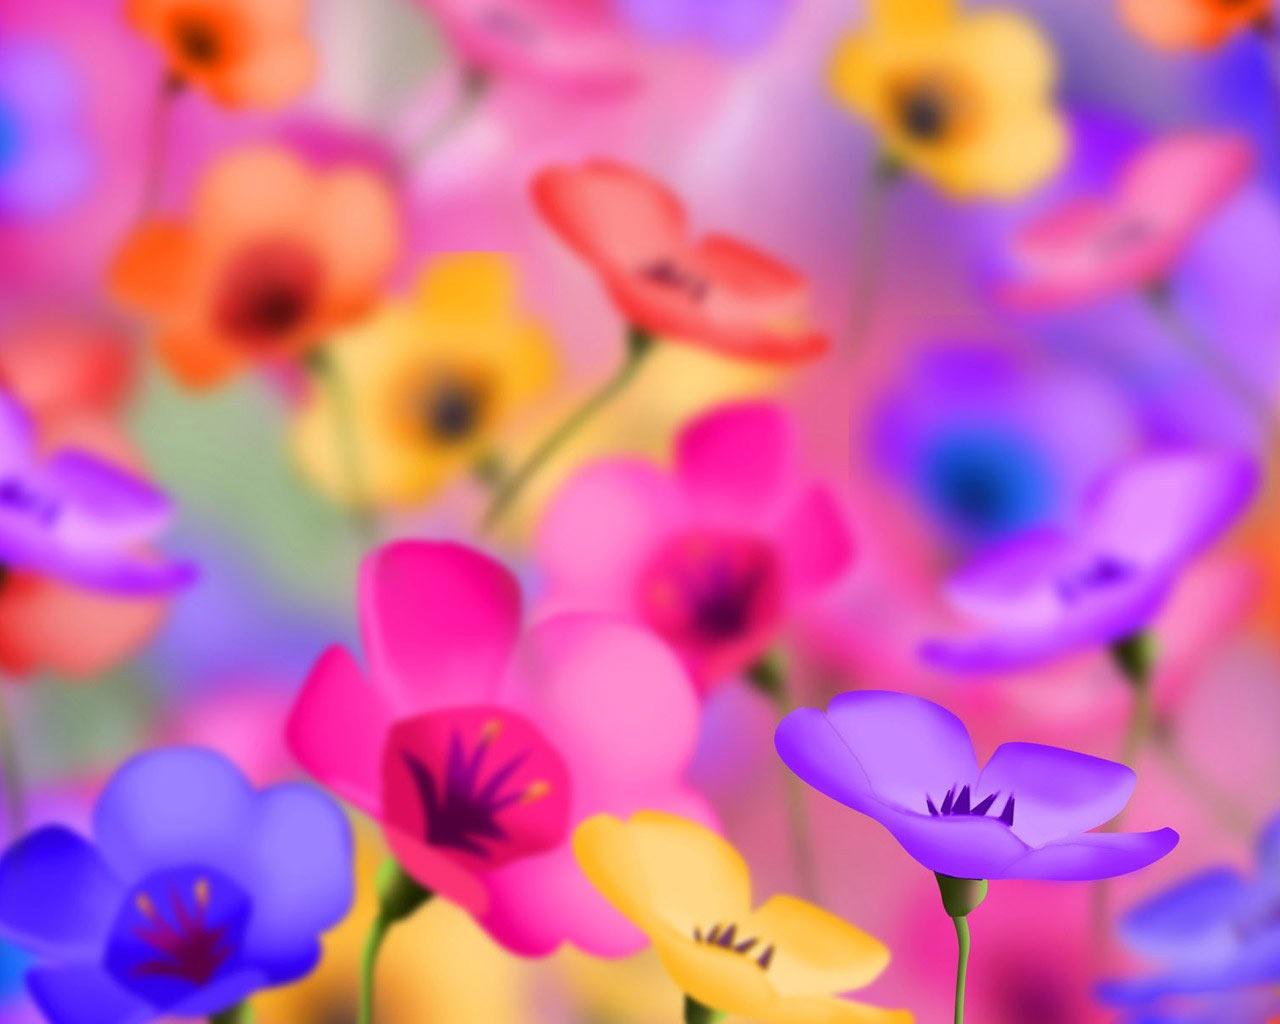 வால்பேப்பர்கள் ( flowers wallpapers ) 01 Colorful_Flowers_desktop_backgrounds_pictures